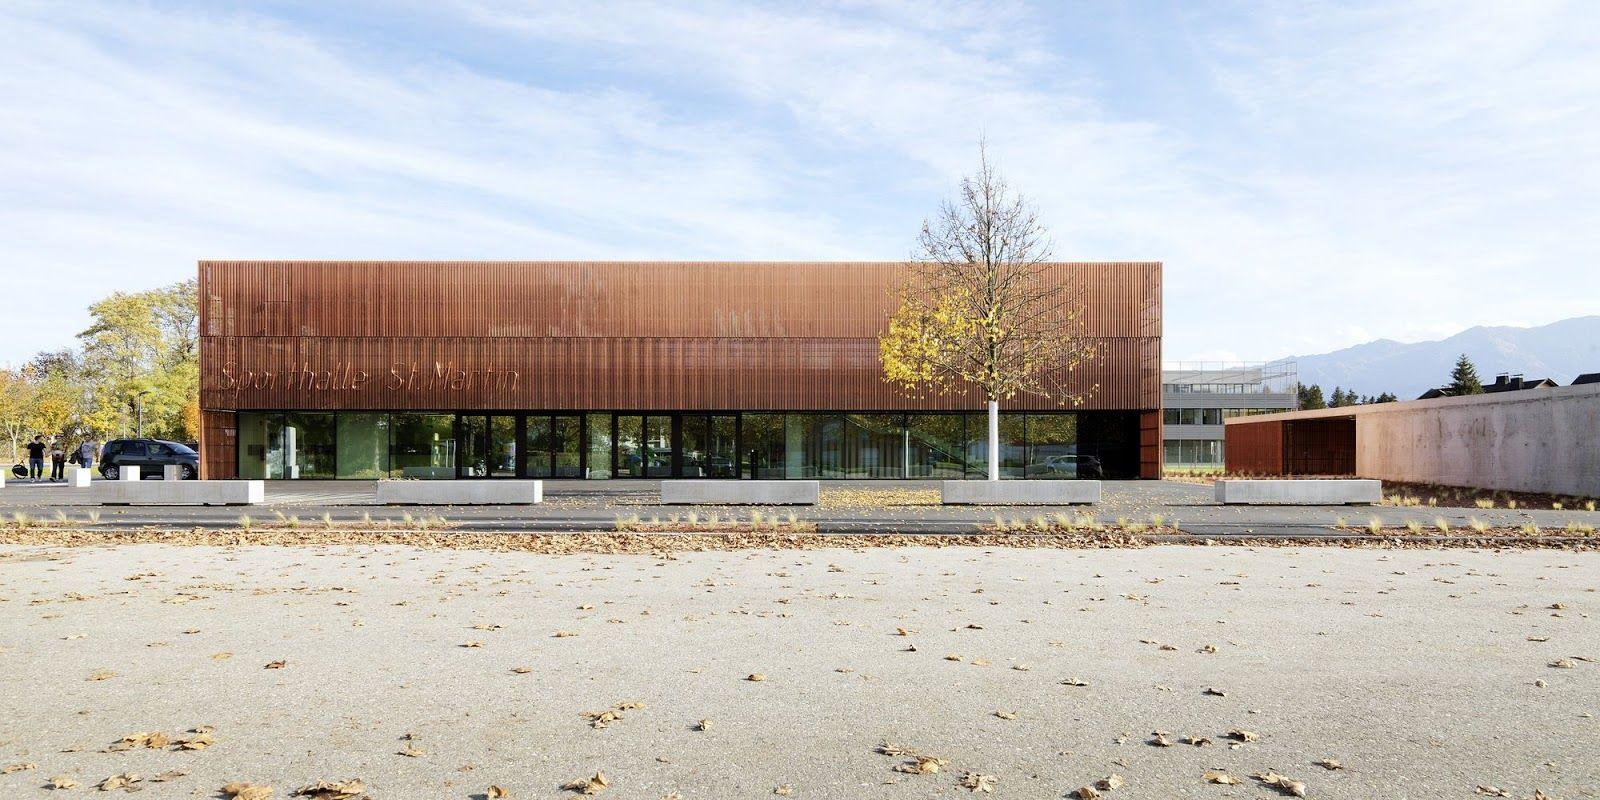 Dietger Wissounig Architekten